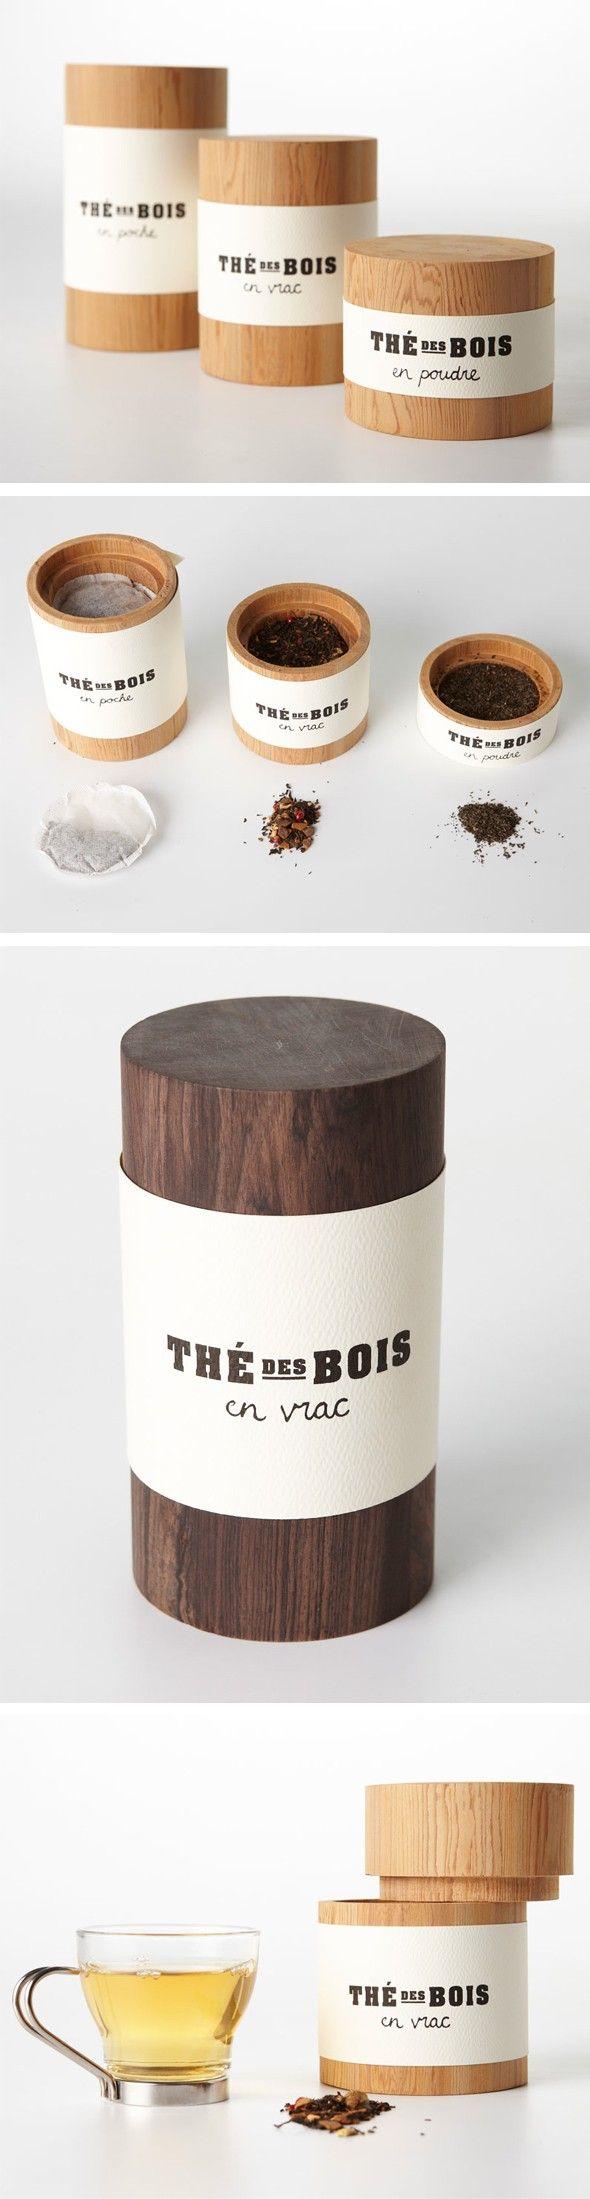 Packaging en bois Voici une série d'emballages permettant une seconde vie à la disposition du thé en poche, en poudre et en vrac. Ces contenants cylindriqu